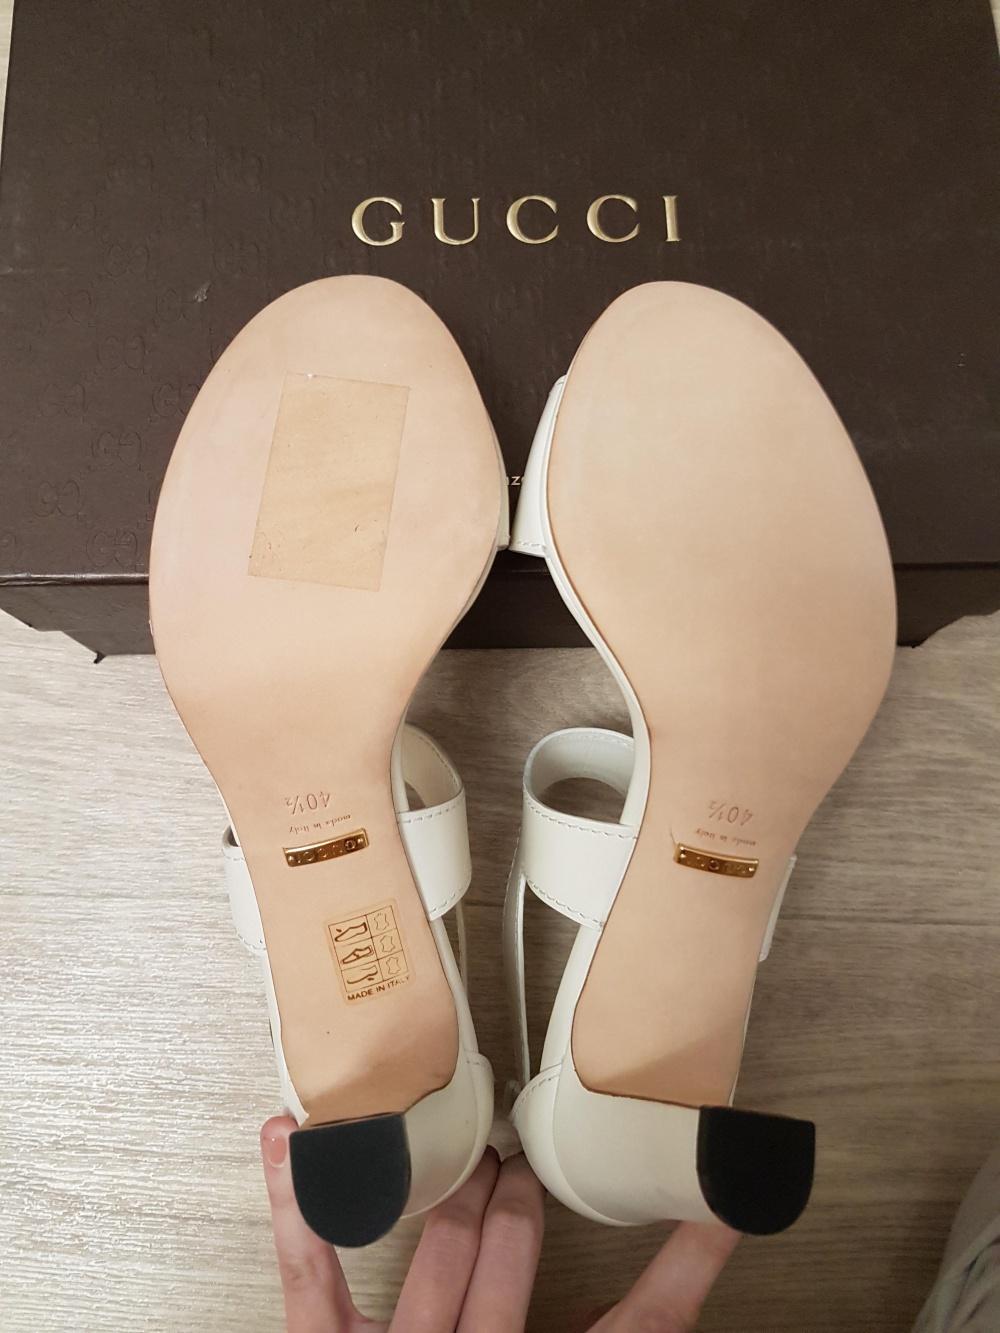 Белые босоножки Gucci, кожа, размер 40-40,5